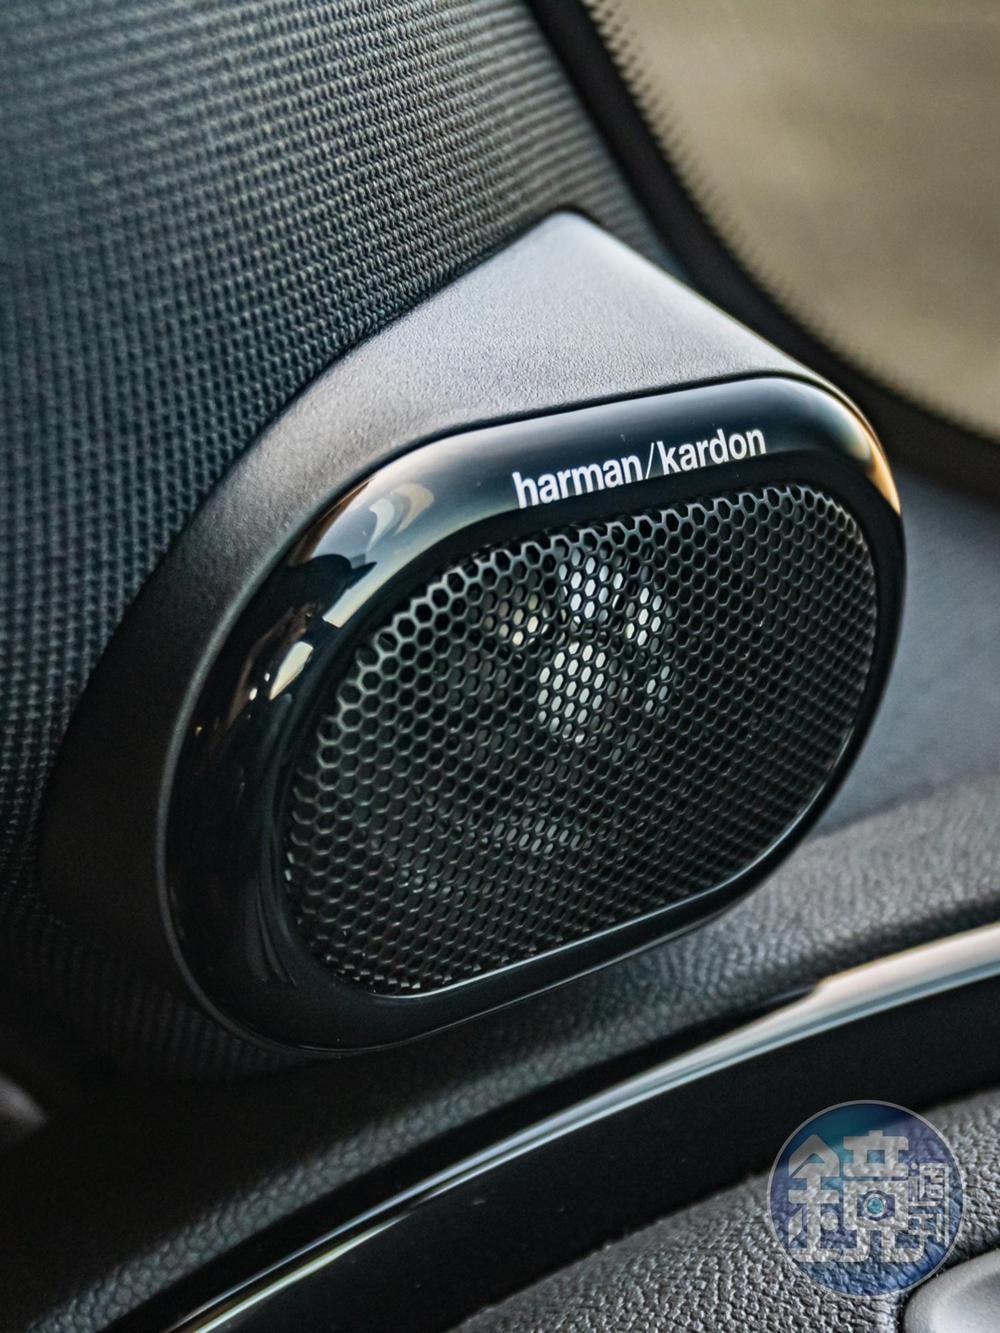 選配harman/kardon高傳真音響系統。